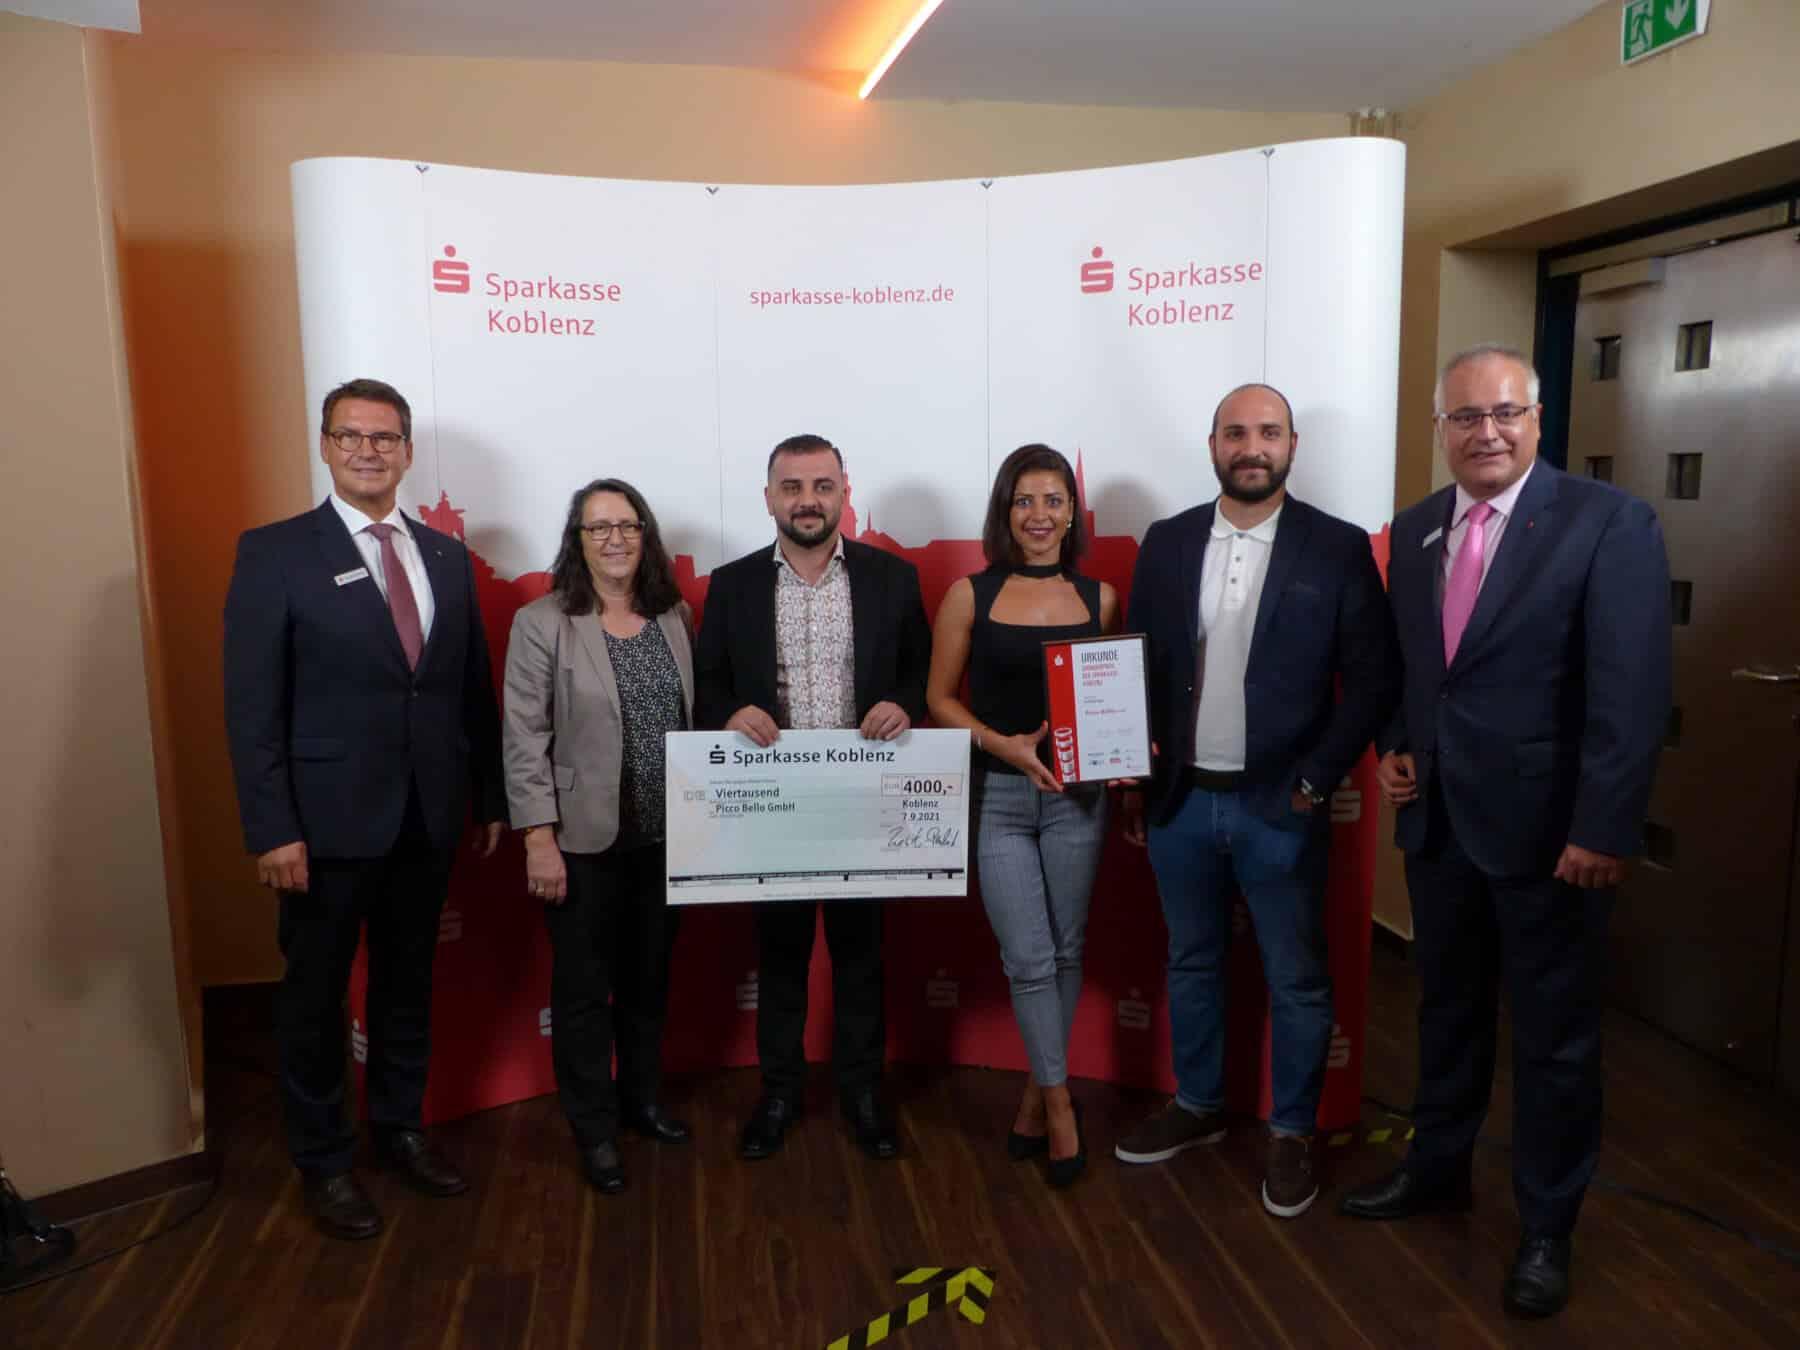 Sparkassenchef Matthias Nester (links) gratuliert zusammen mit Vorstand Jörg Perscheid (rechts) dem Gewinnerunternehmen Picco Bello GmbH aus der Kategorie